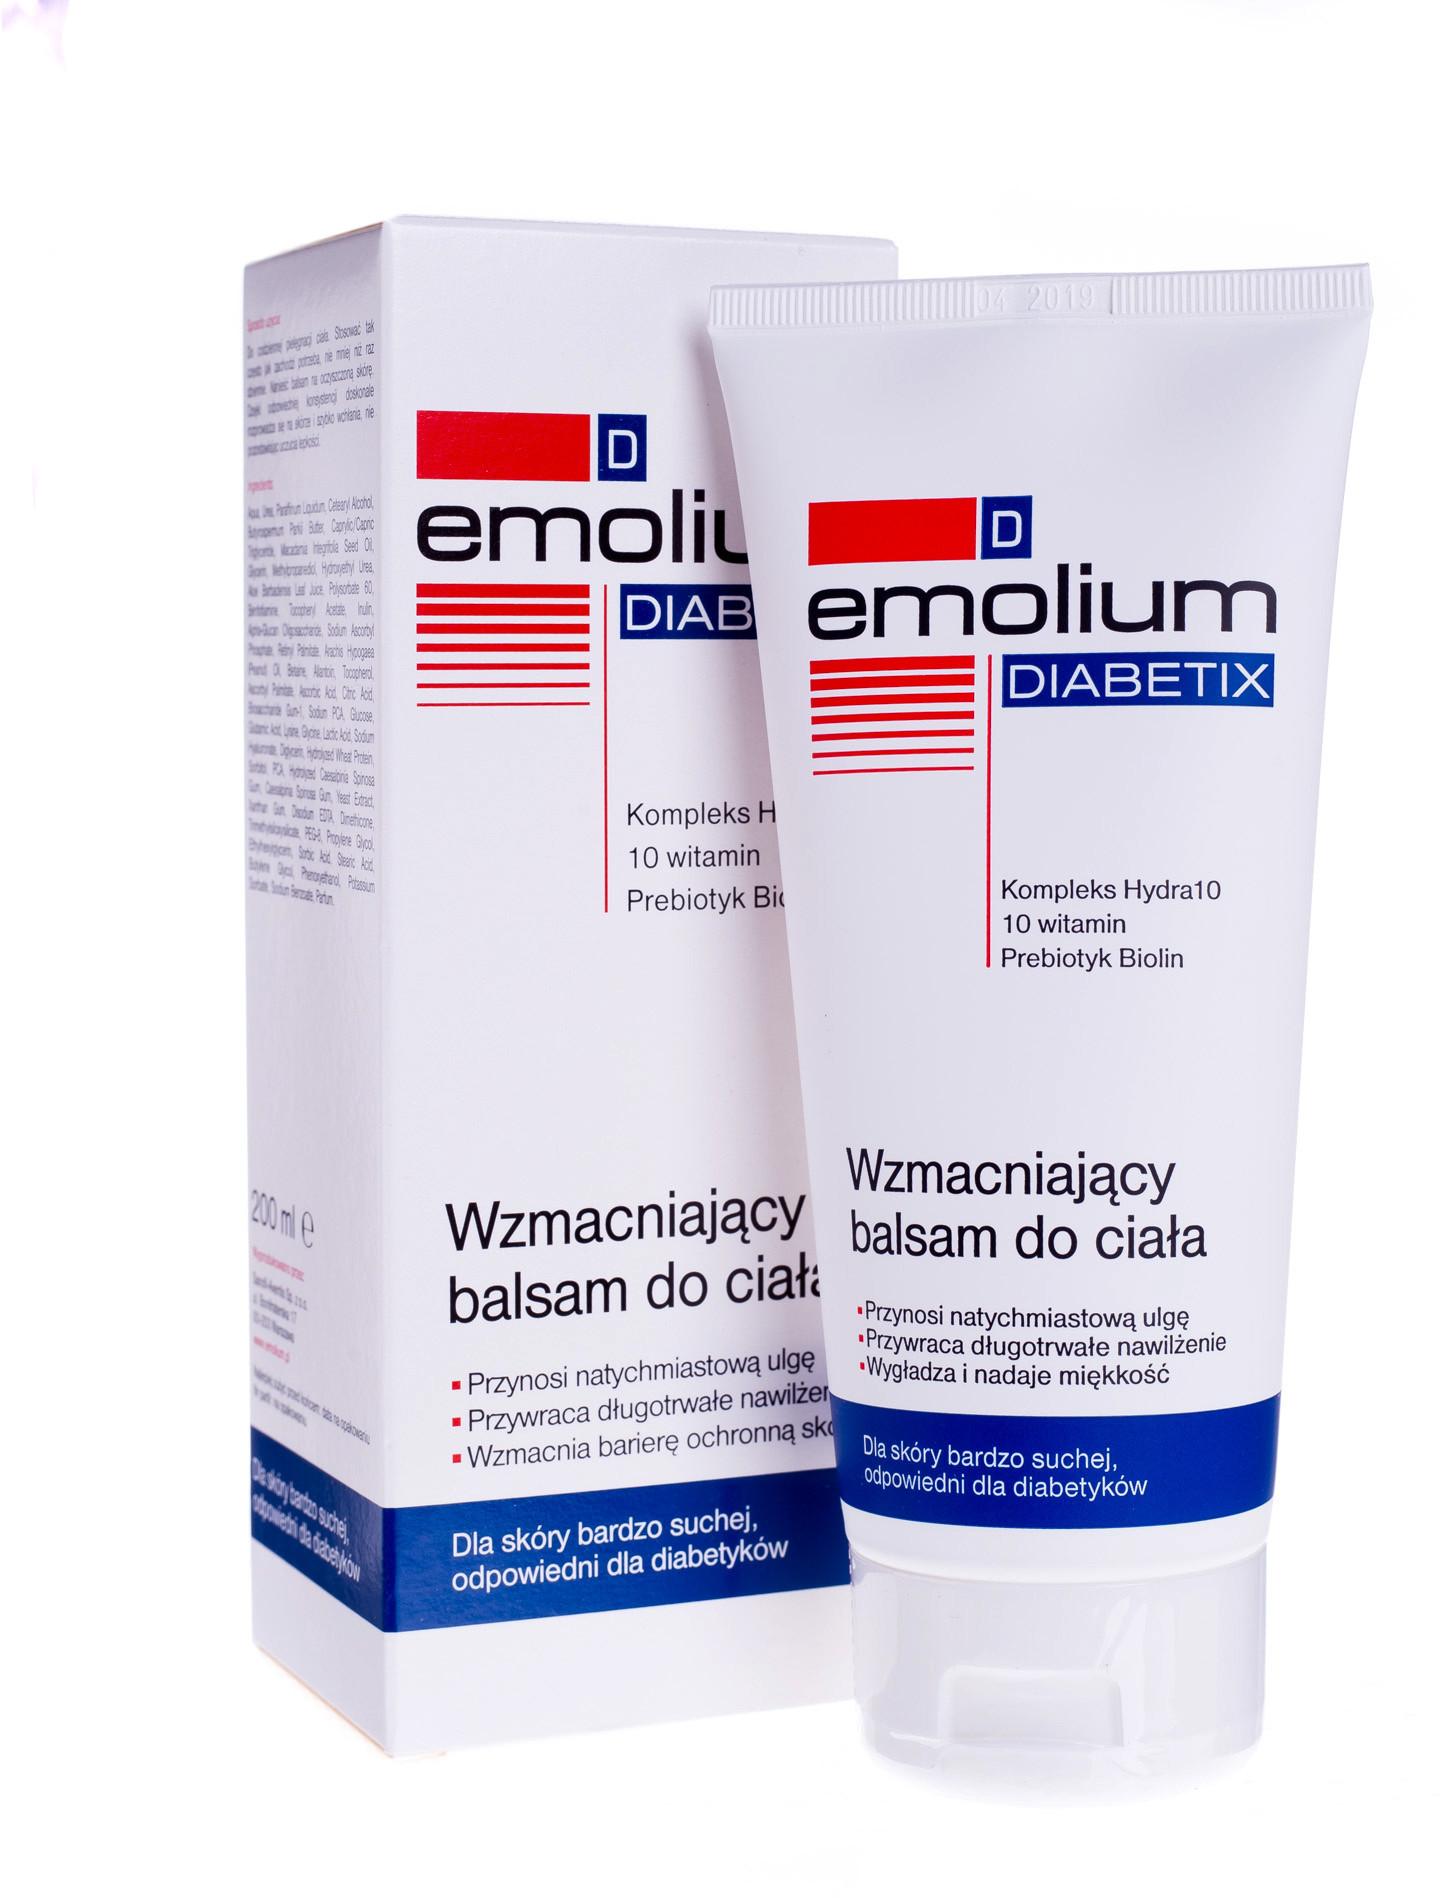 Emolium NEPENTES Diabetix wzmacniający balsam do ciała 200 ml